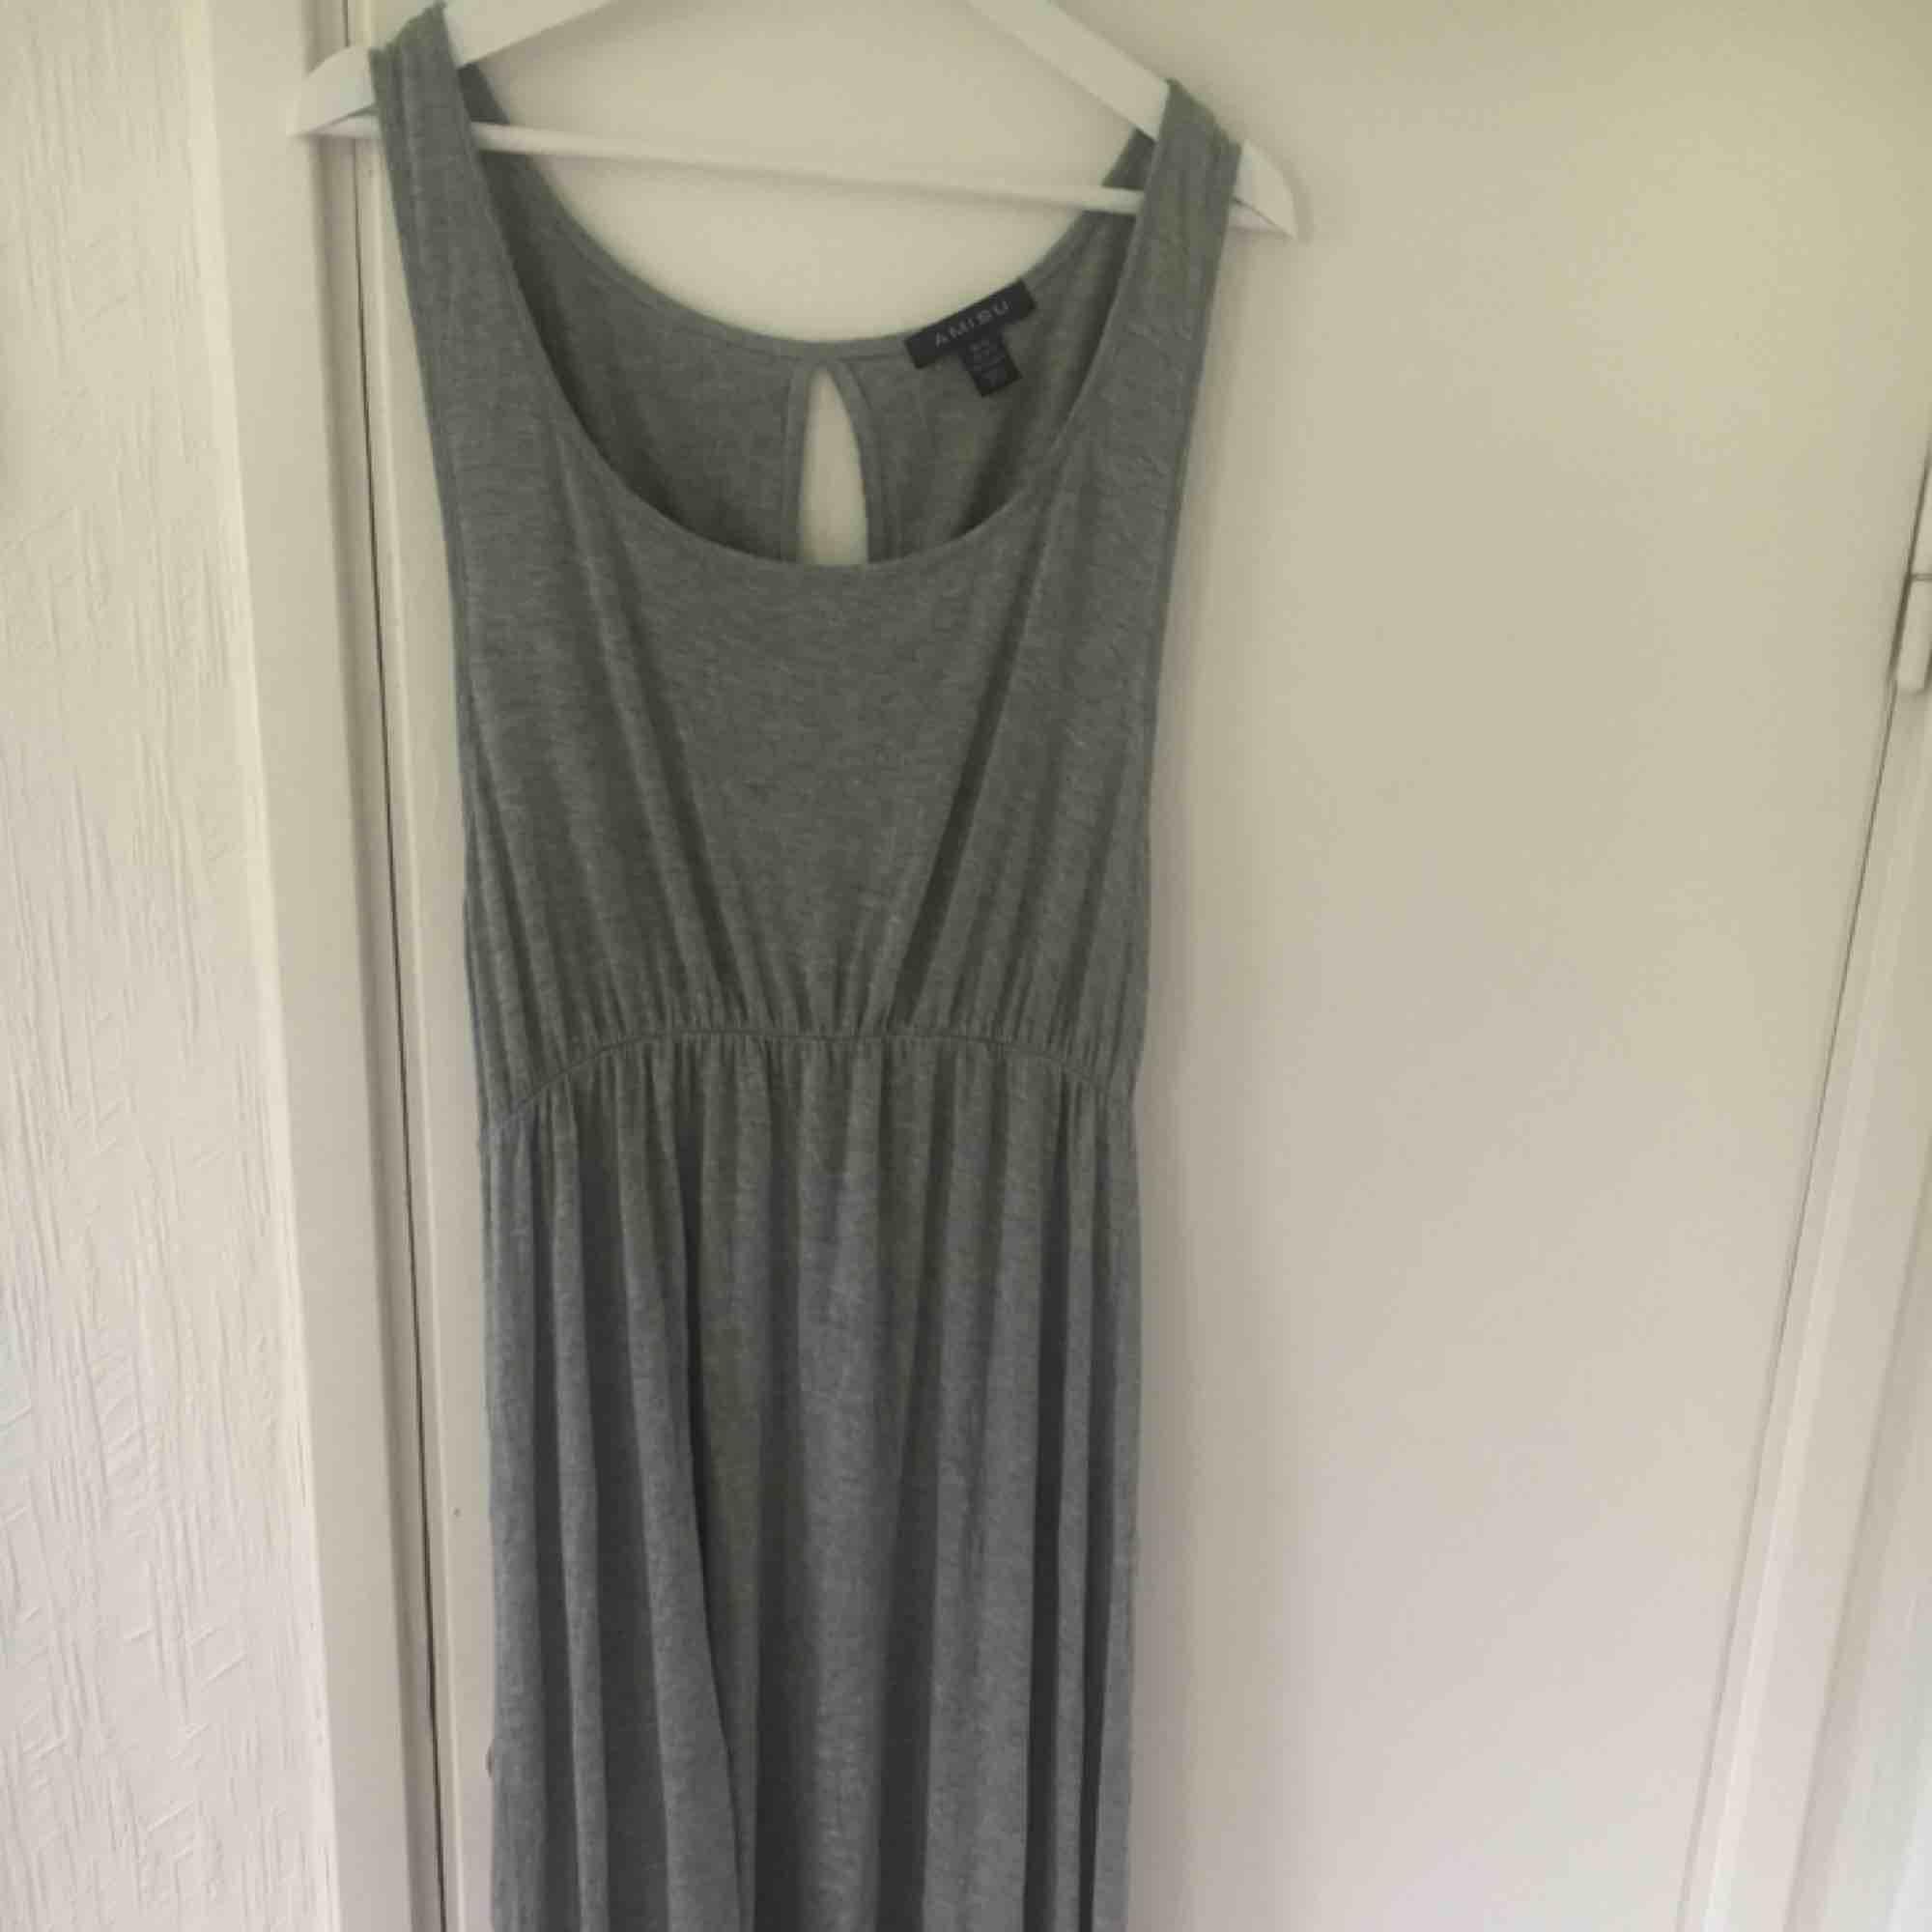 Jättefin grå lång klänning Längre bak än fram Aldrig använd . Klänningar. 7567b6964aa03